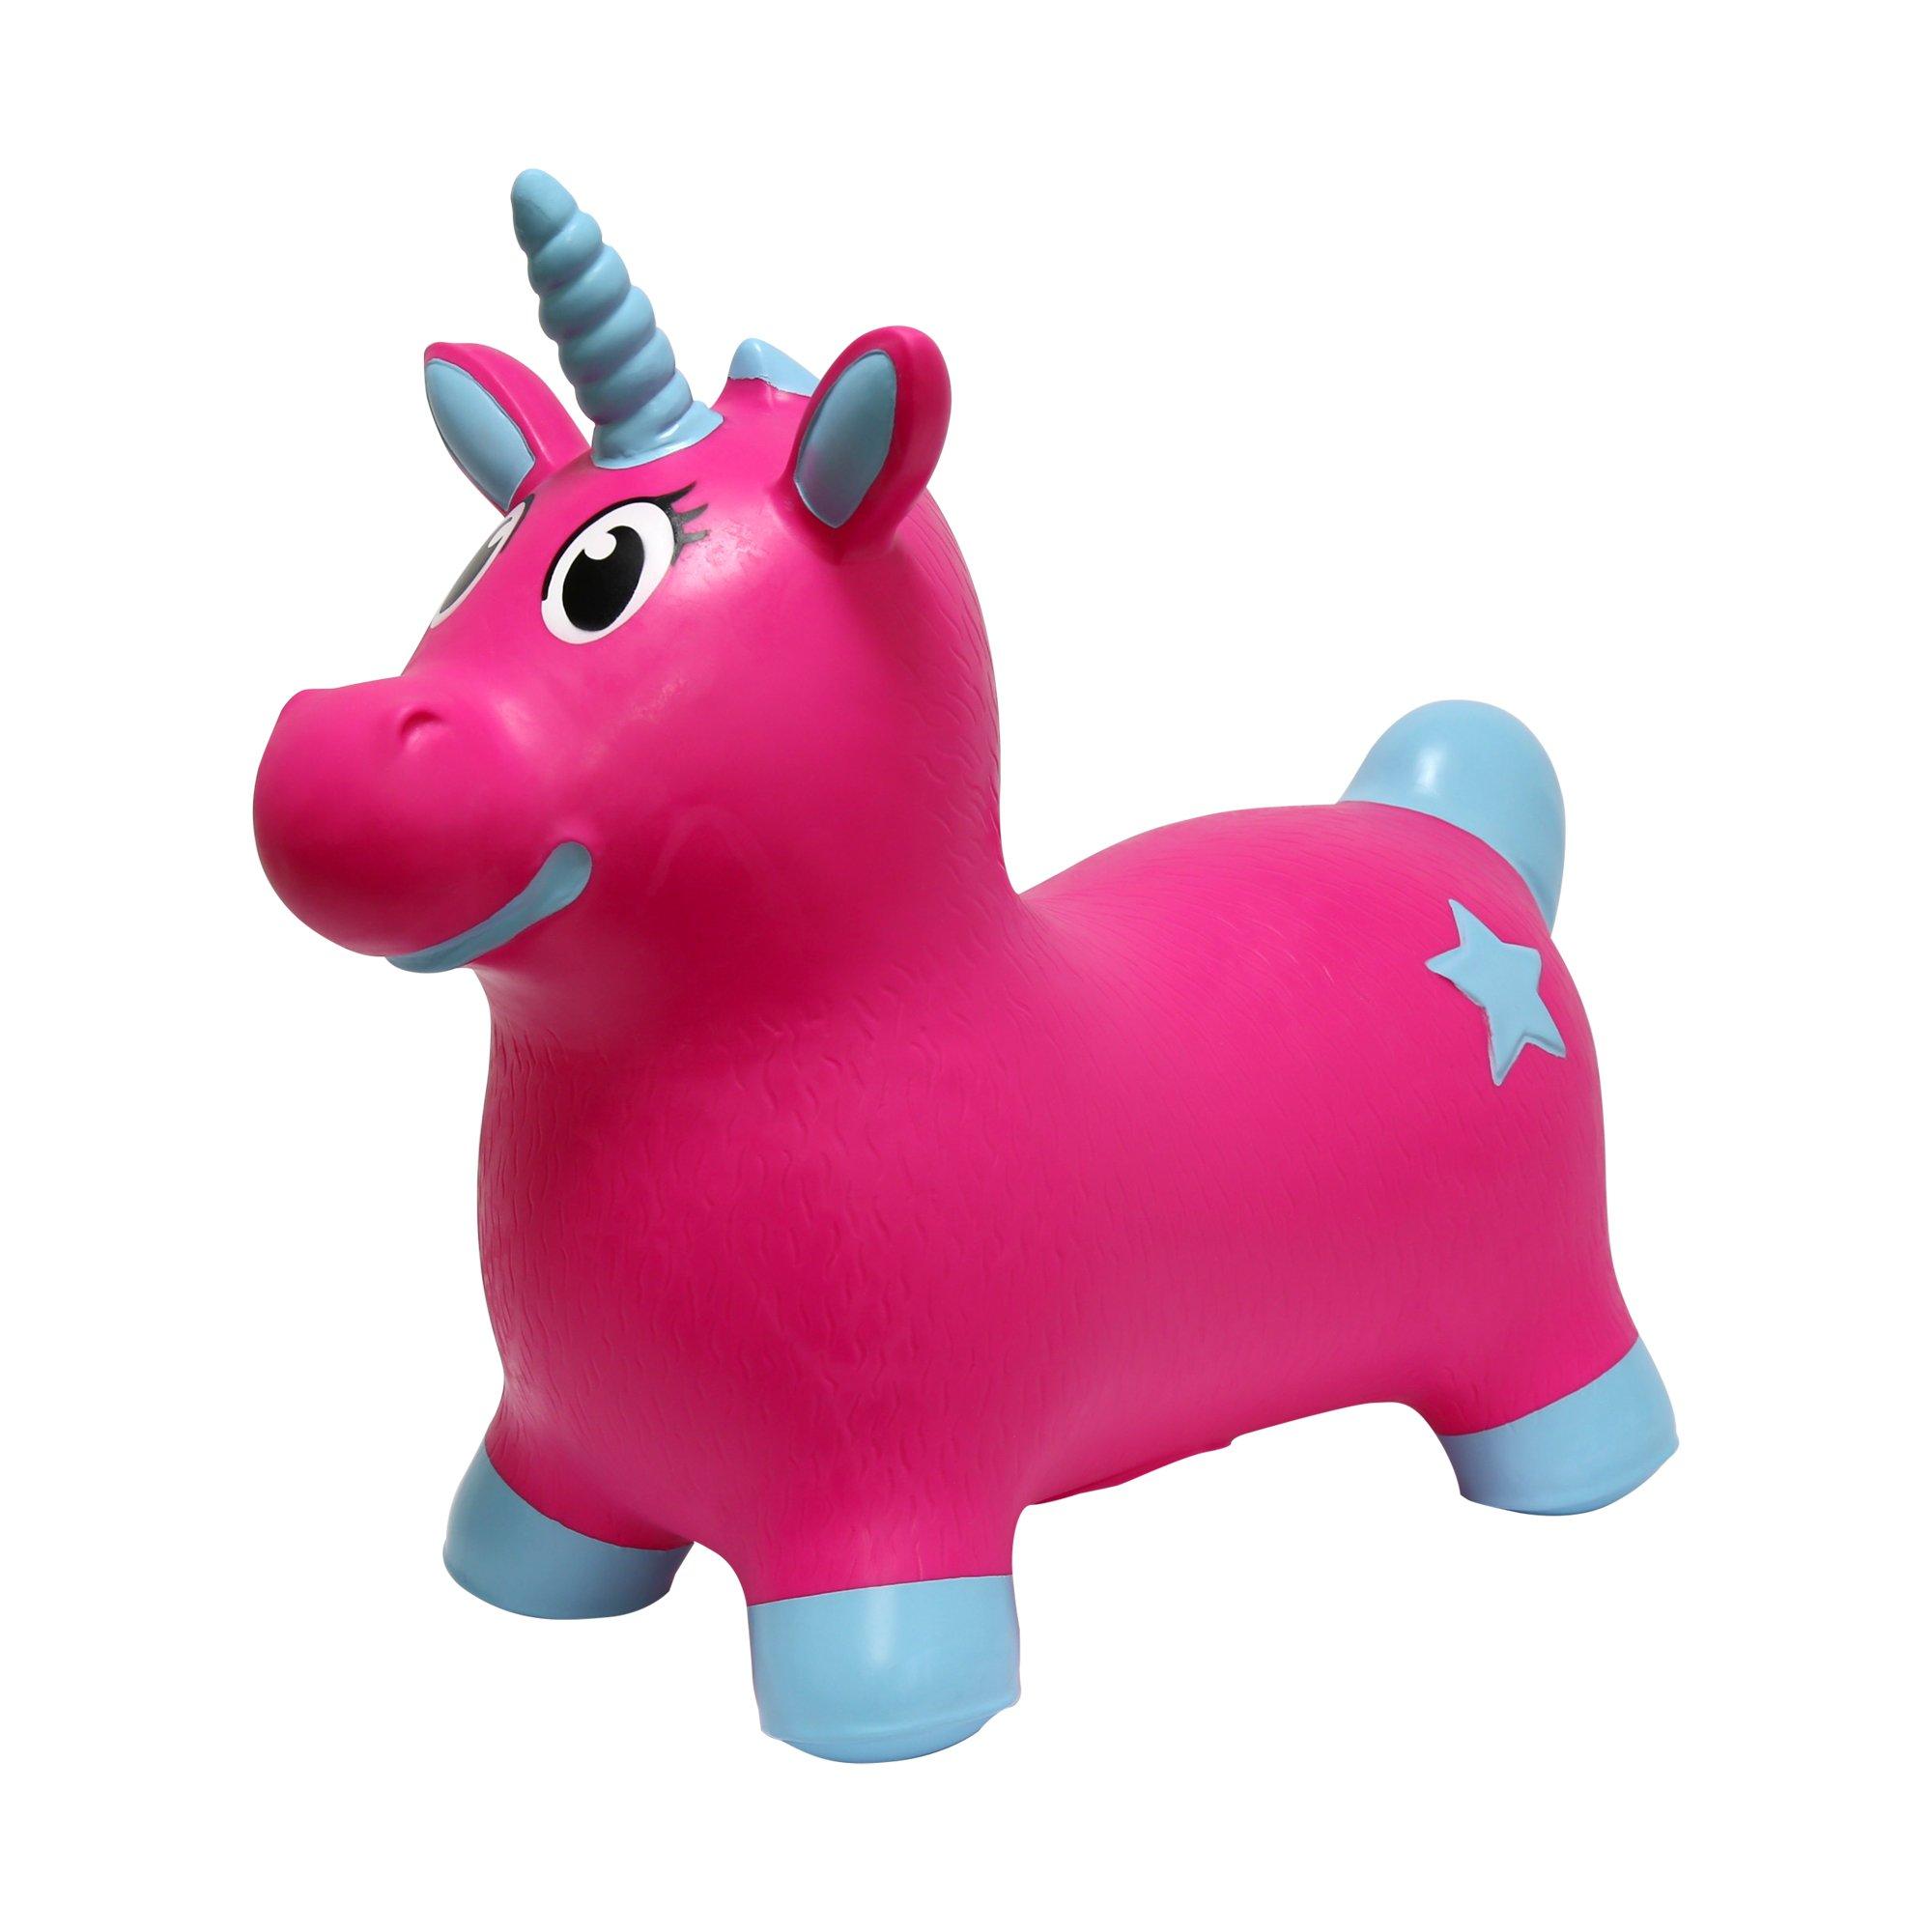 MegaFun USA Jumpets Luna Unicorn